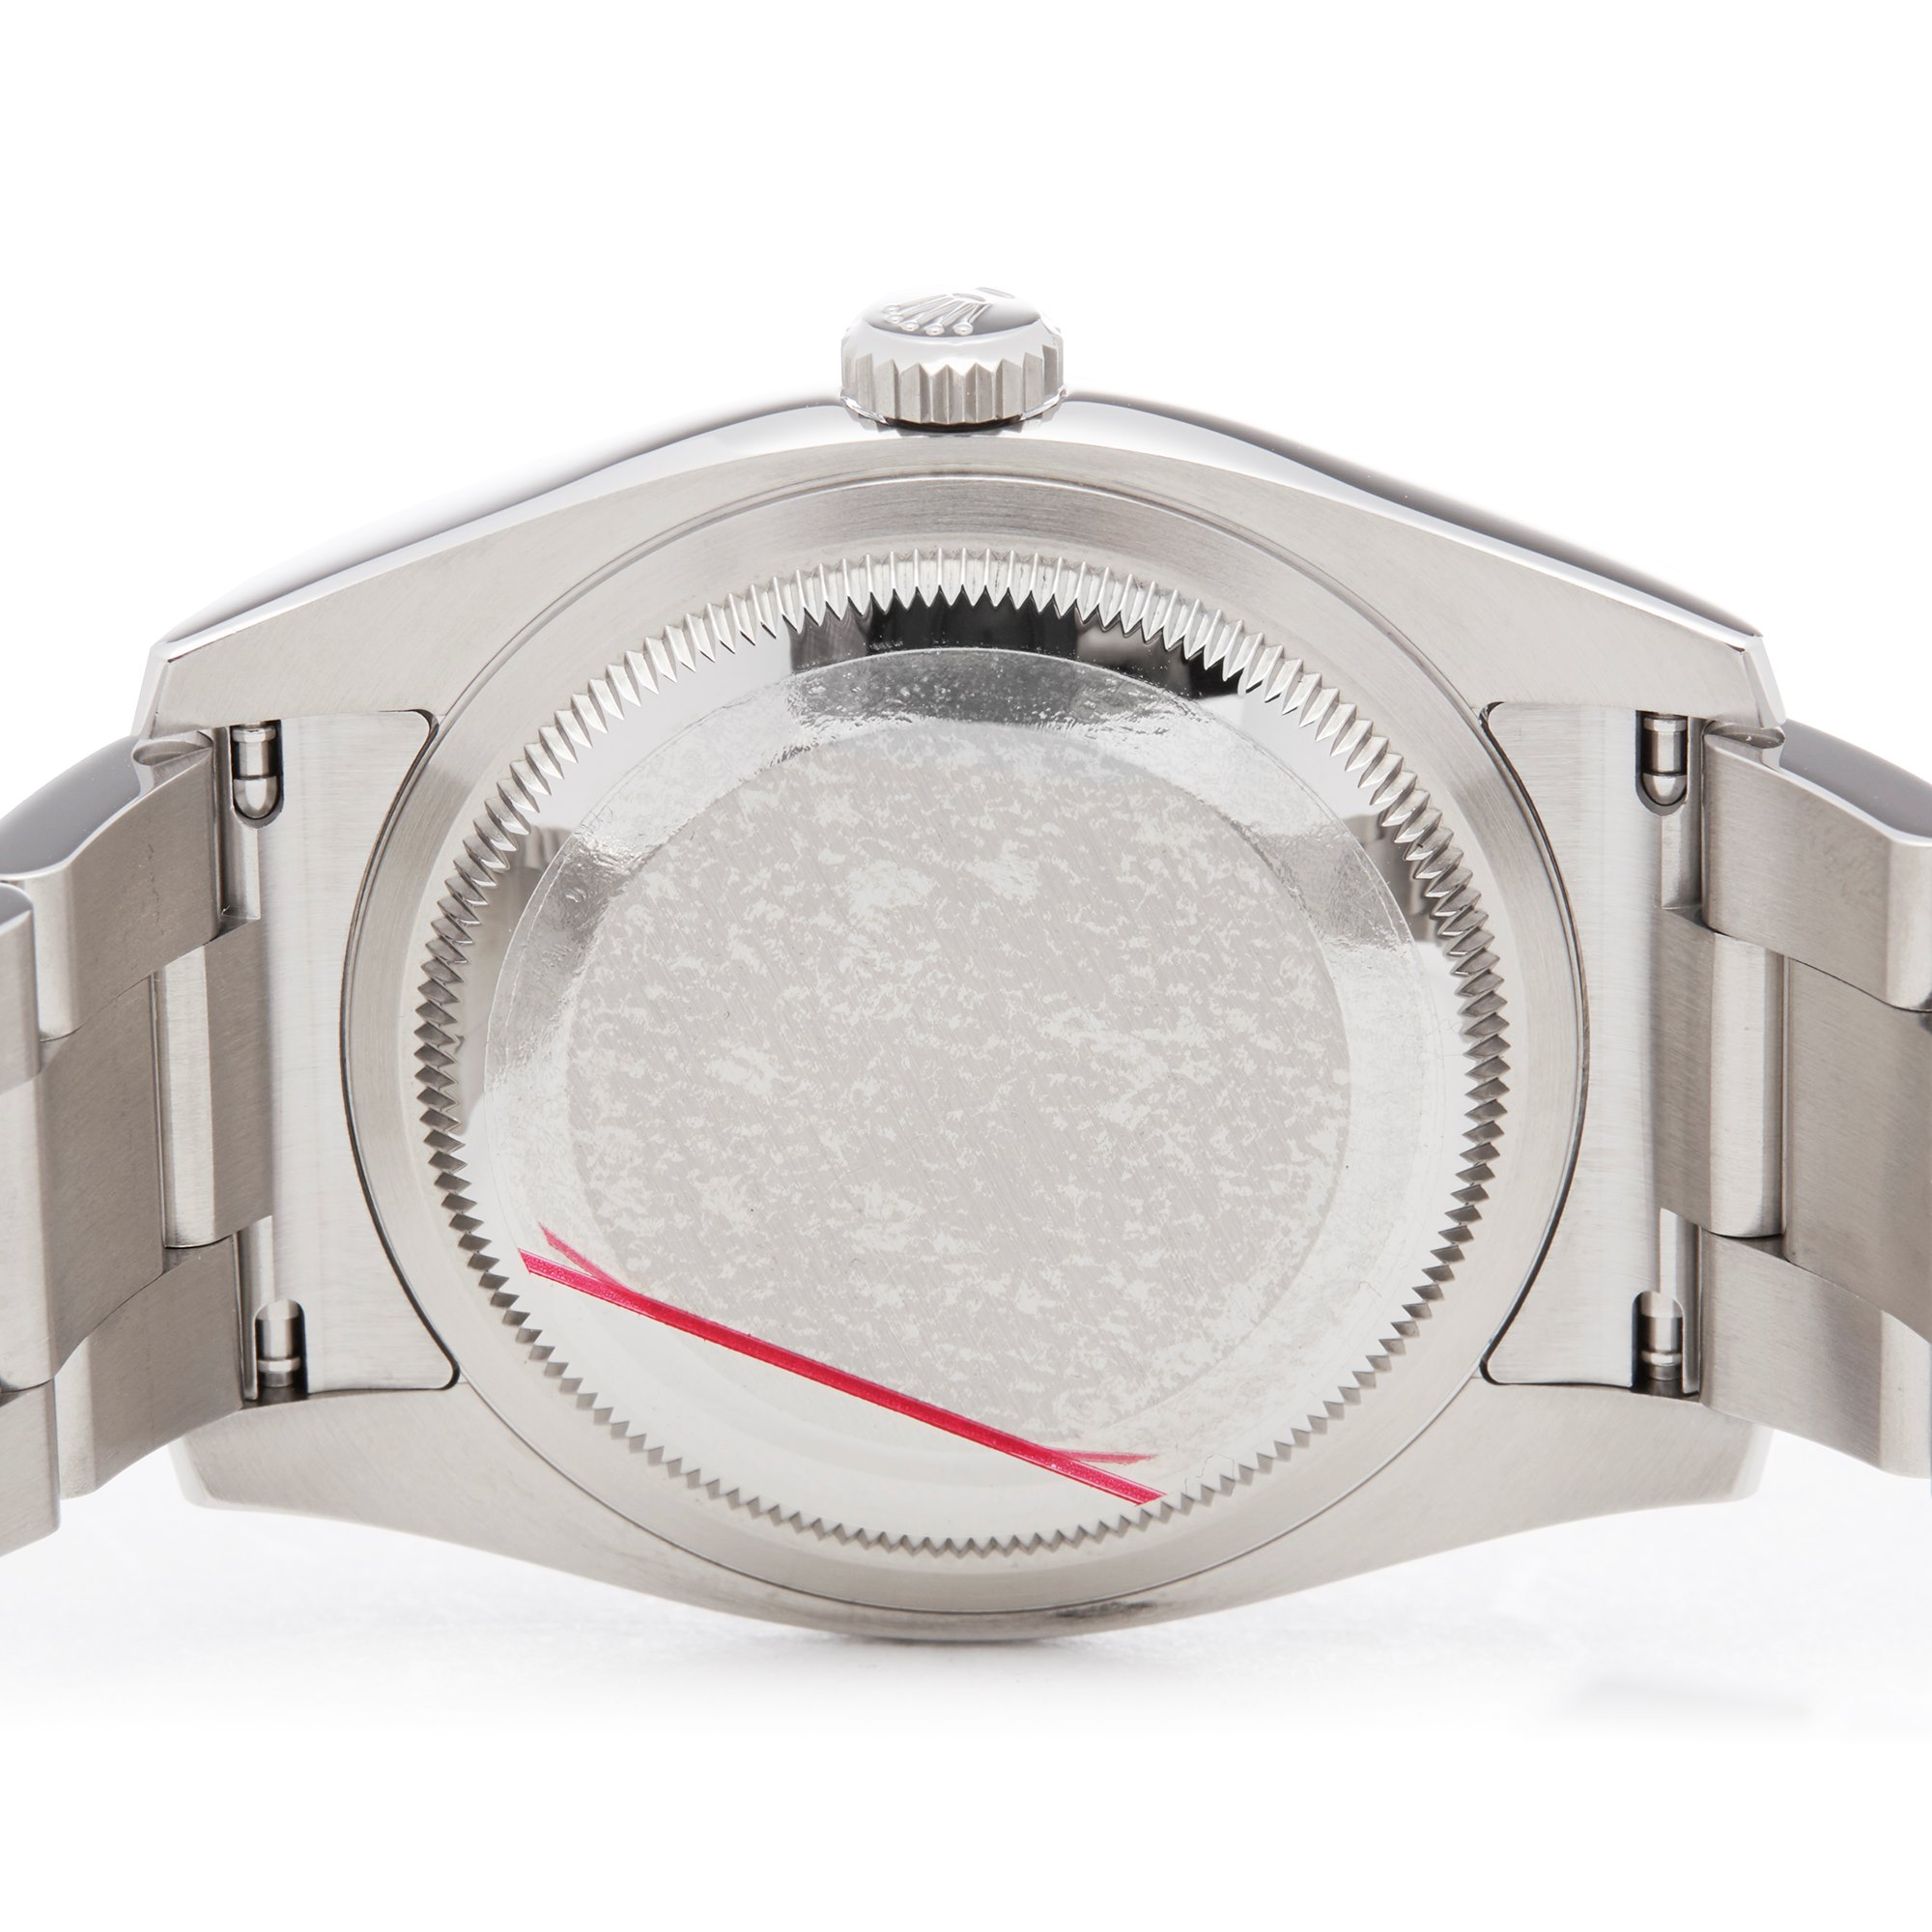 Rolex Datejust 36 NOS Stainless Steel 116200